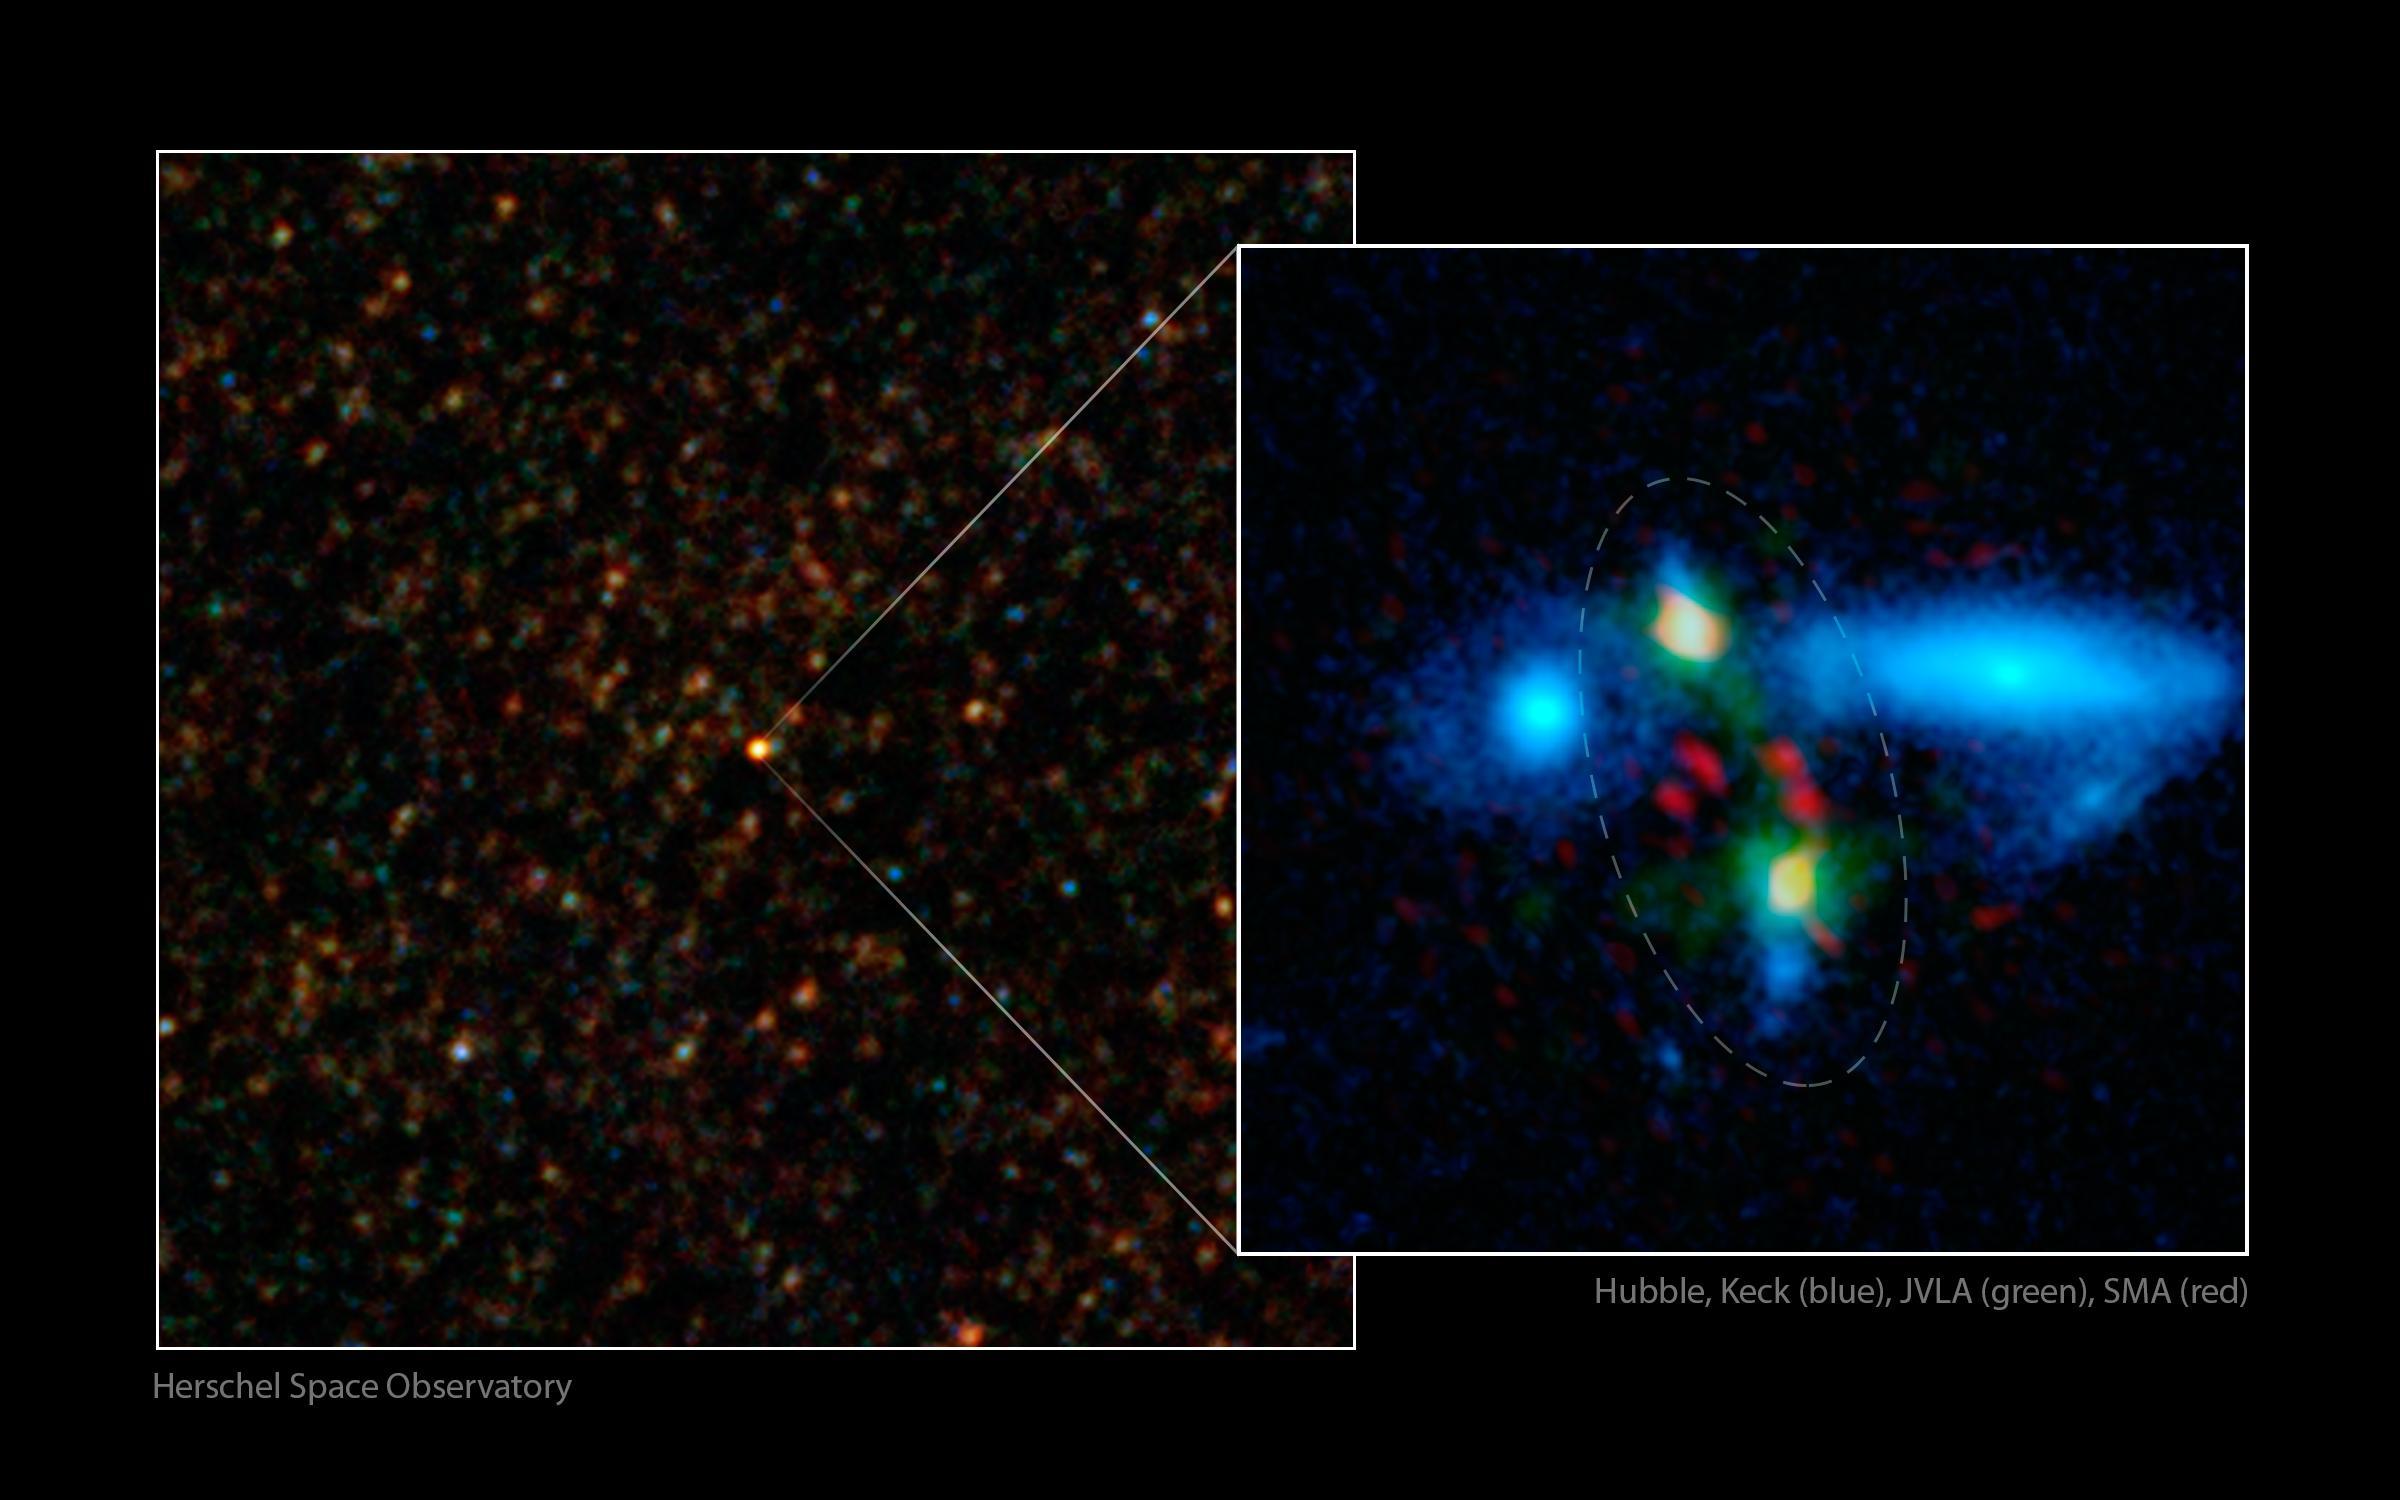 Fusion géante de galaxies découverte par le télescope spatial Herchel